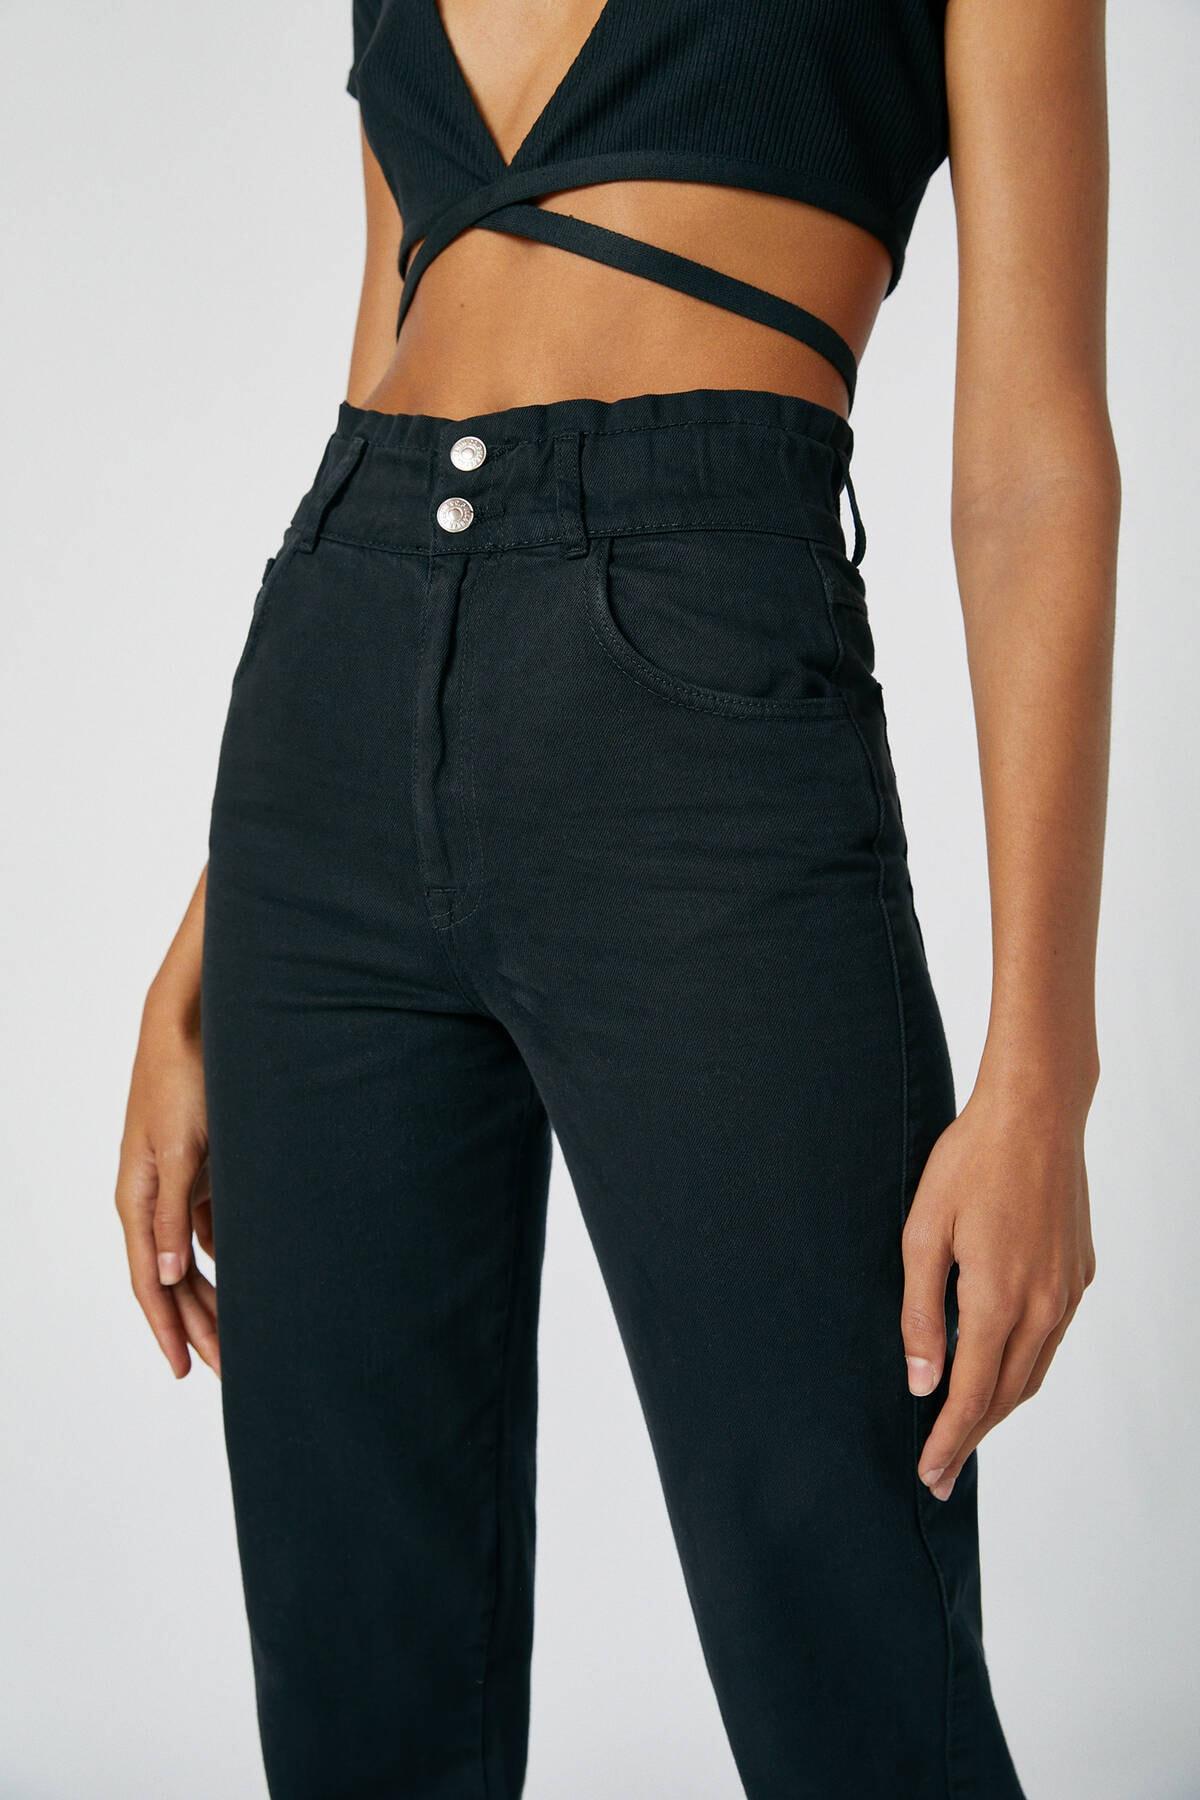 Pull & Bear Kadın Siyah Geniş Elastik Belli Slouchy Jean 05670342 4